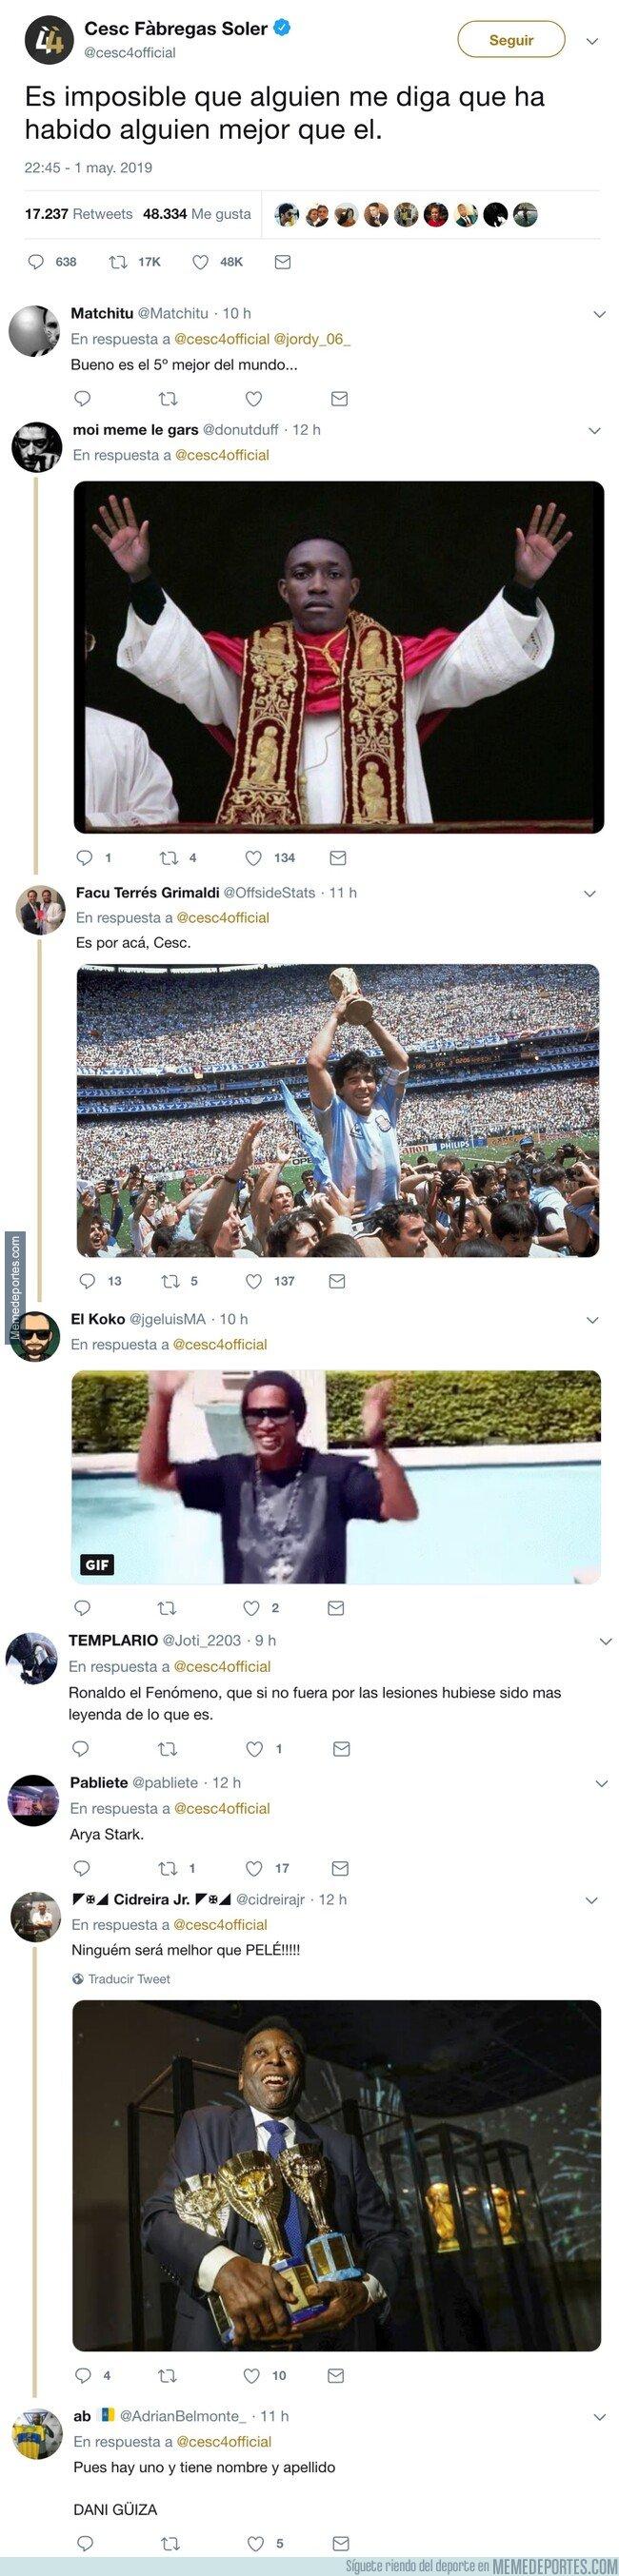 1073311 - Cesc pregunta si hay alguien mejor que Messi, y twitter le propone algunos